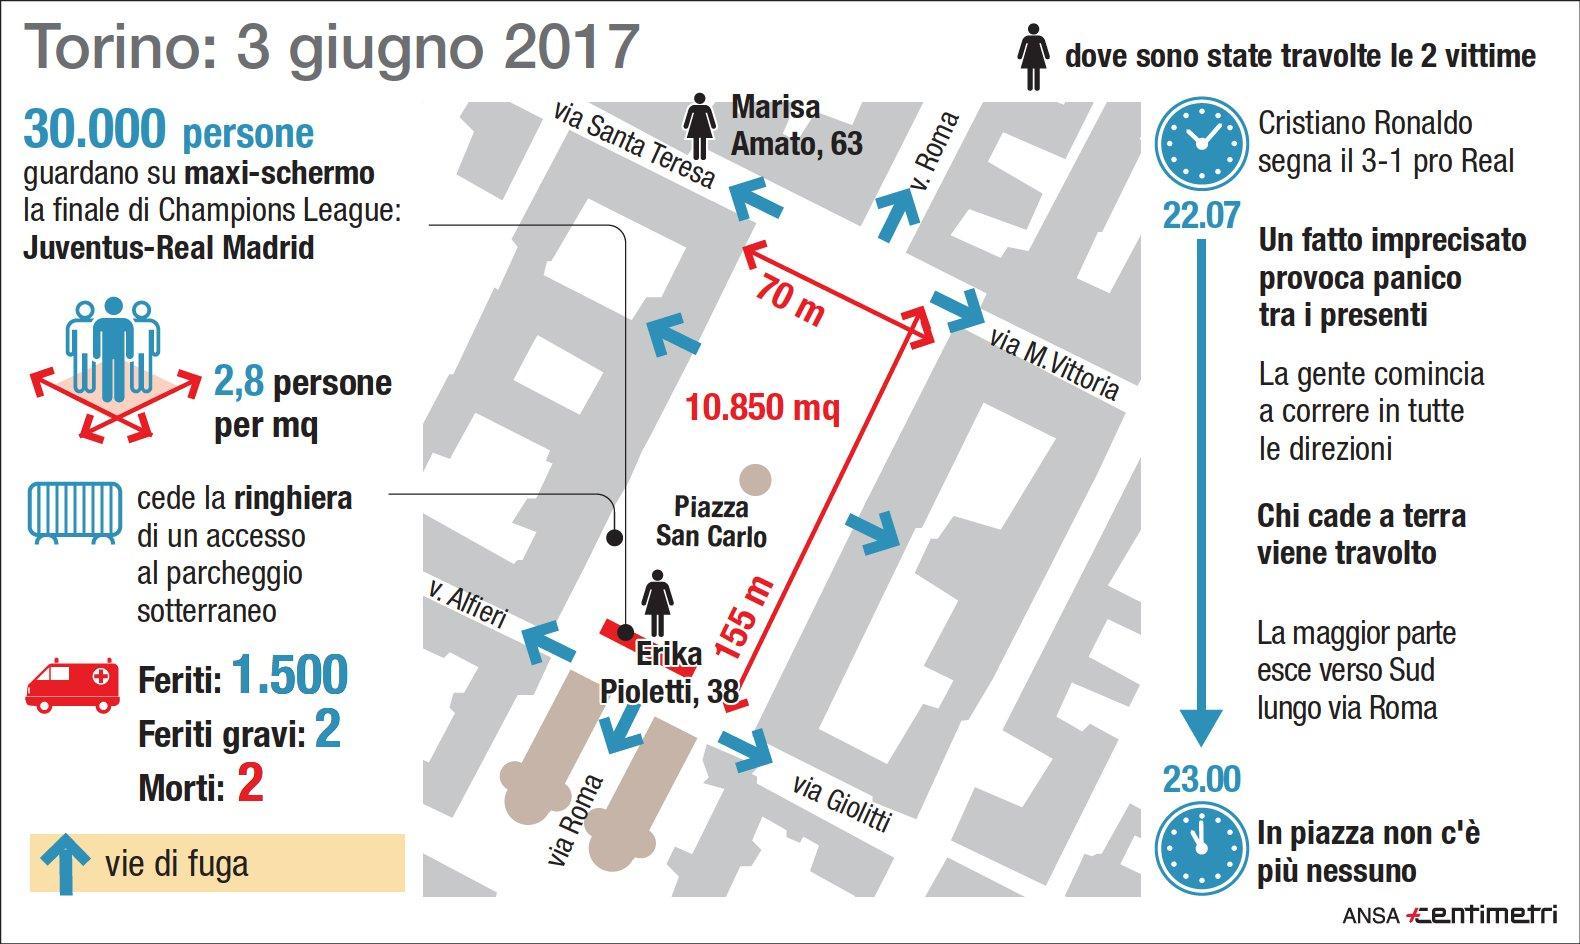 Calca in piazza San Carlo a Torino, dove sono state travolte le due vittime